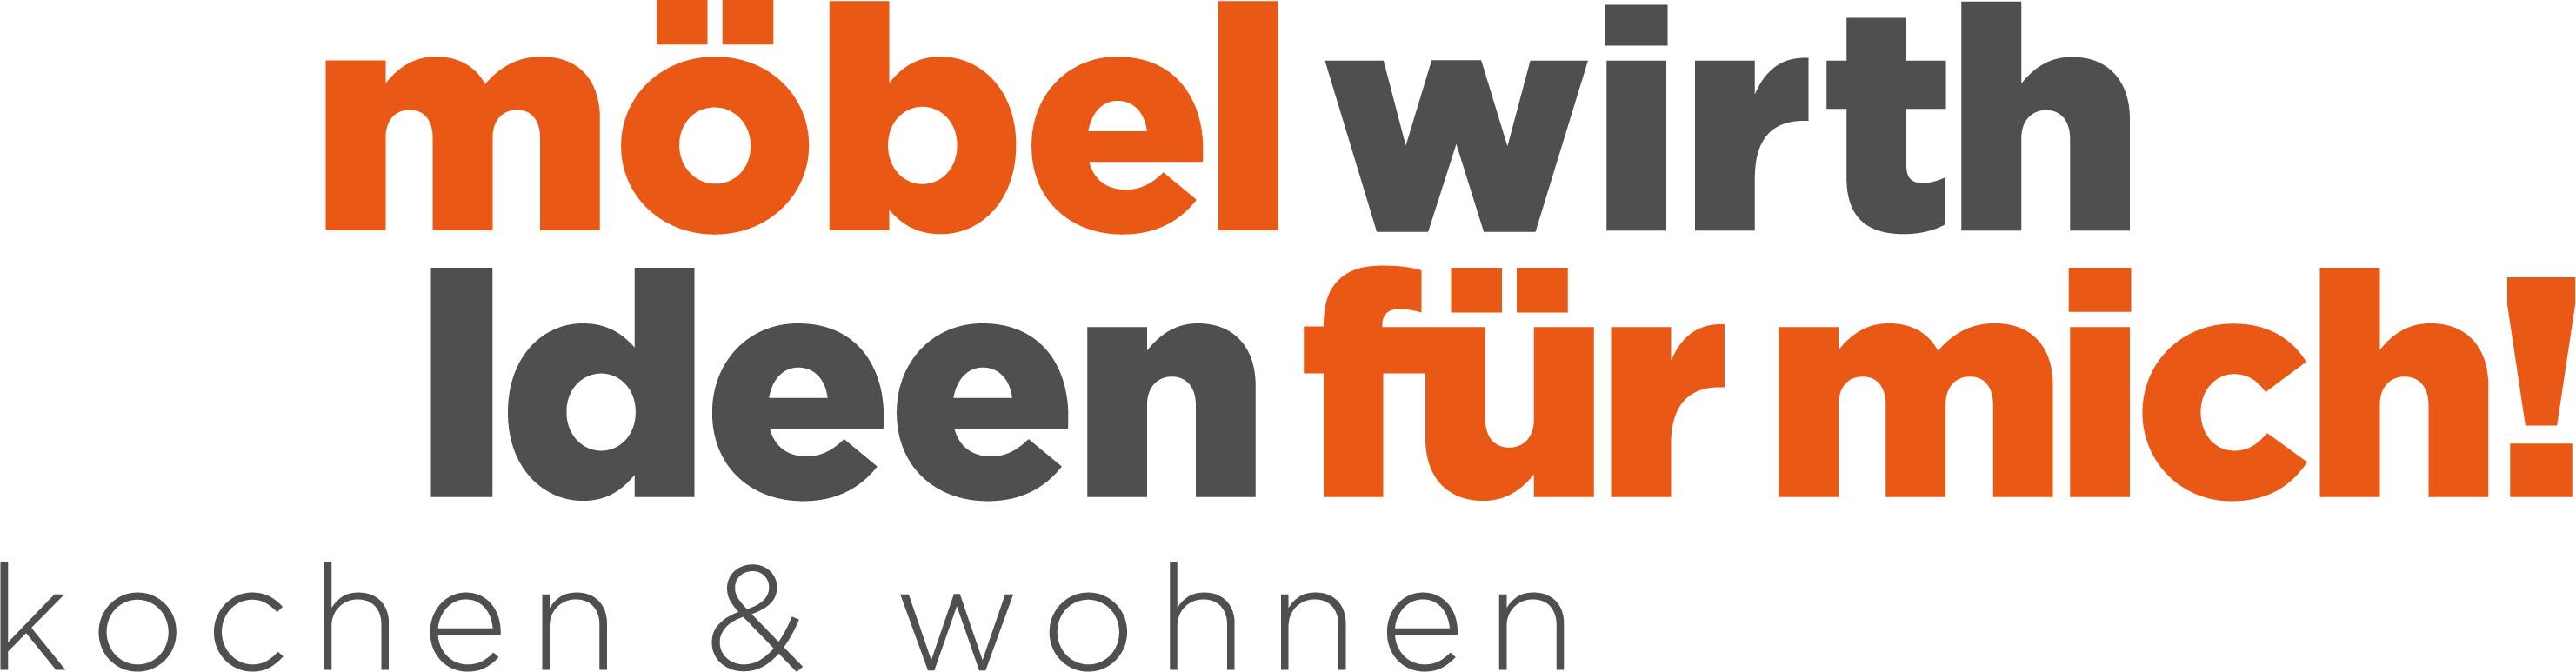 moebel-wirth-gmbh--co-huenfeld logo